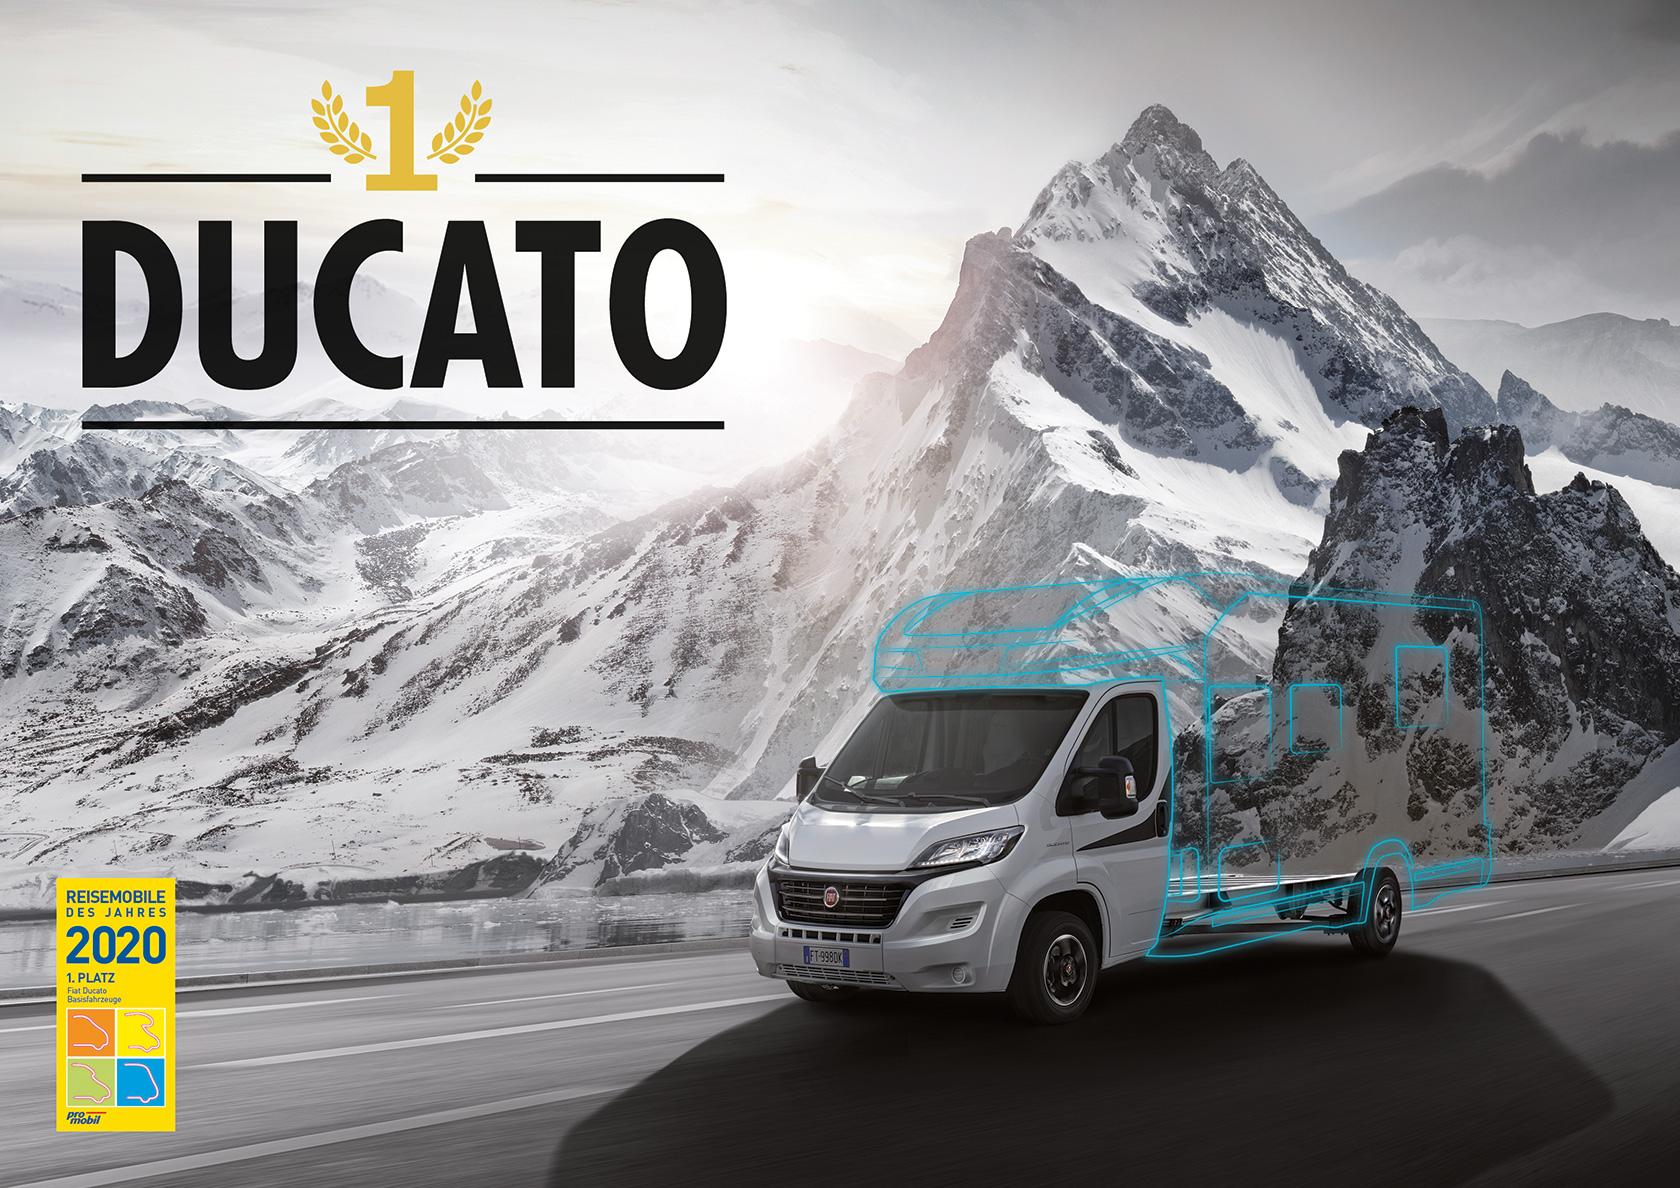 Le Fiat Ducato 2020 élu meilleure base pour camping-car